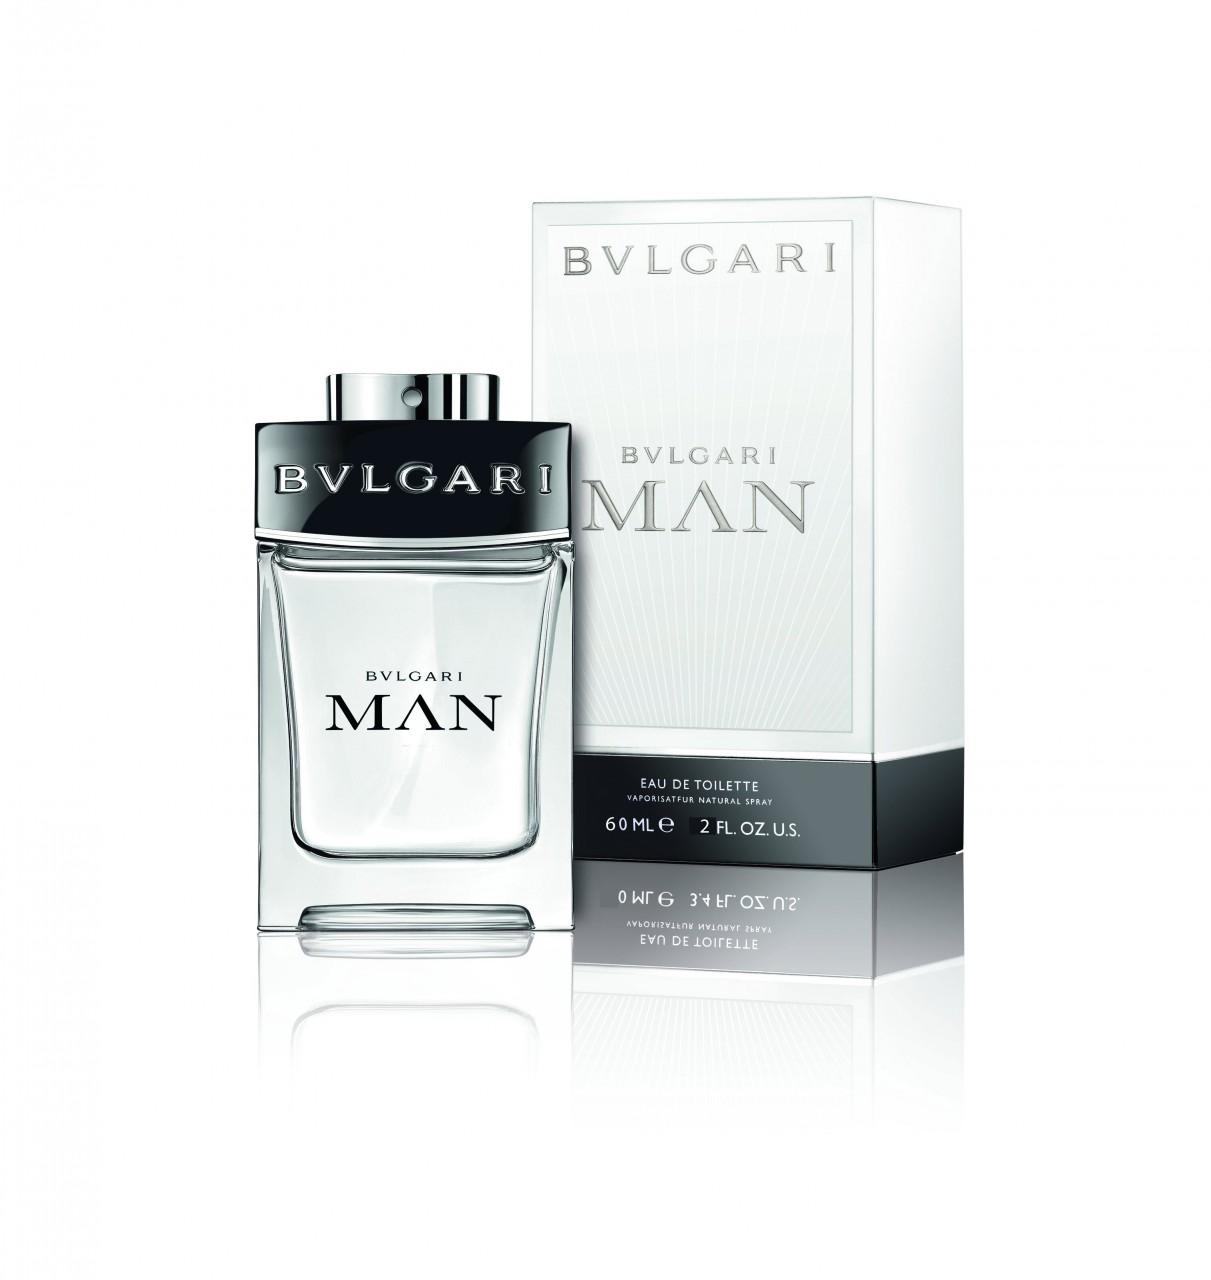 Bvlgari Bvlgari Man, 60ml, Toaletní voda